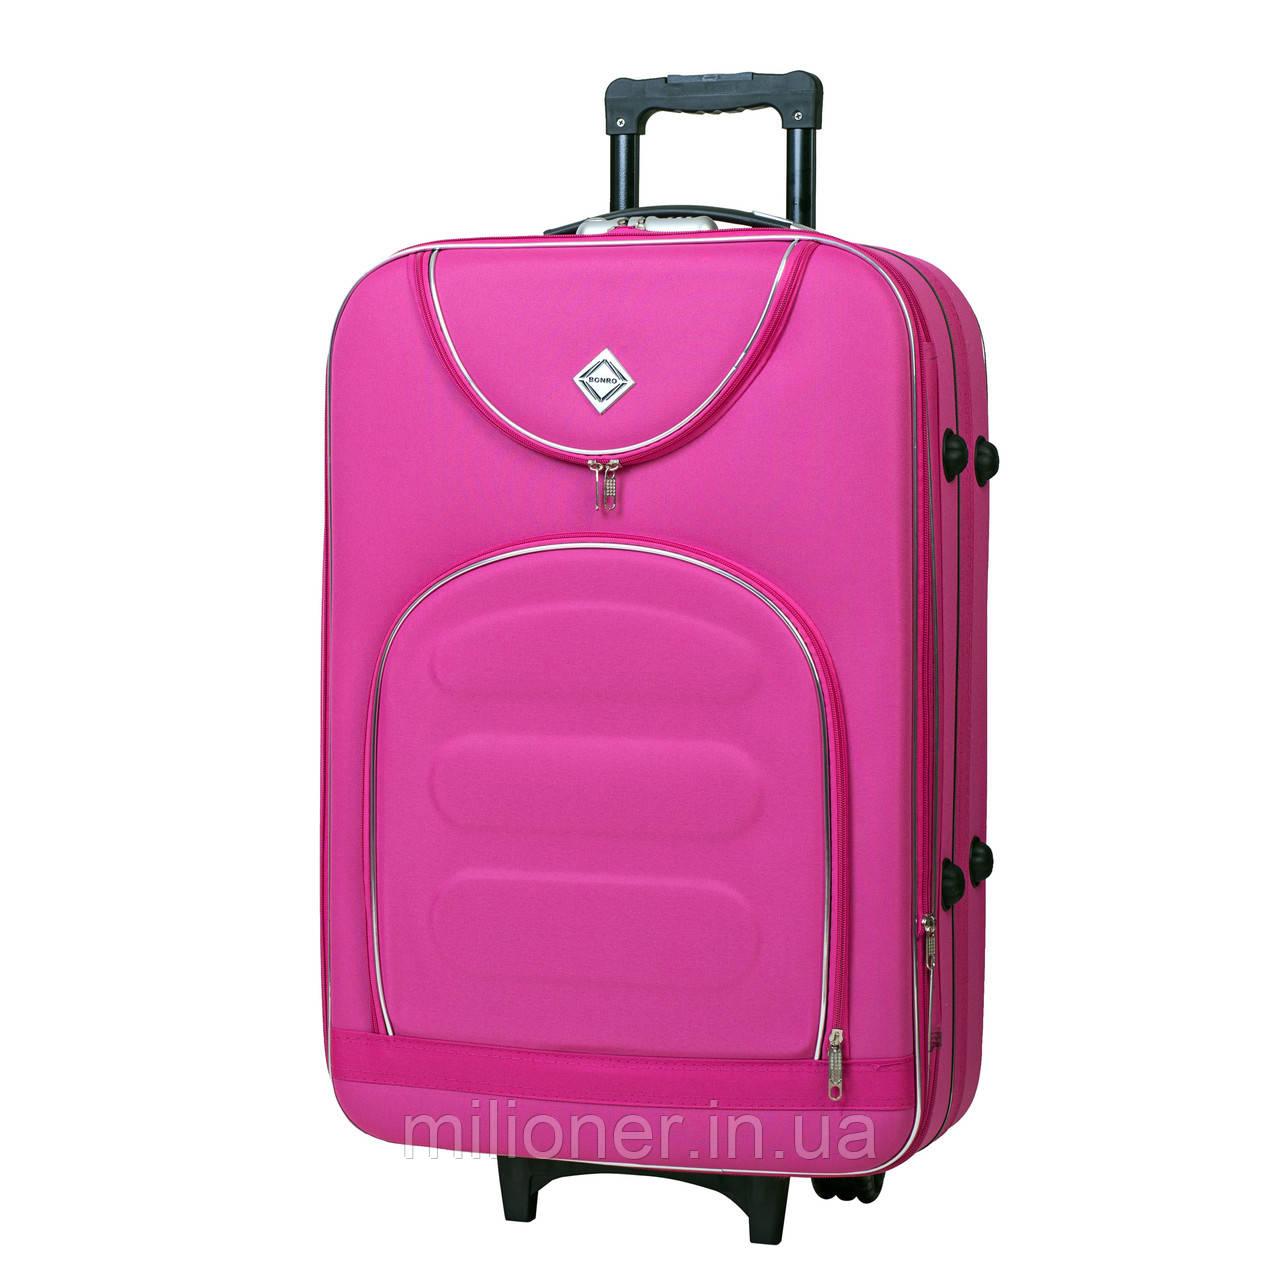 Чемодан Bonro Lux (небольшой) розовый, цена 696 грн., купить в ... 06066670be6